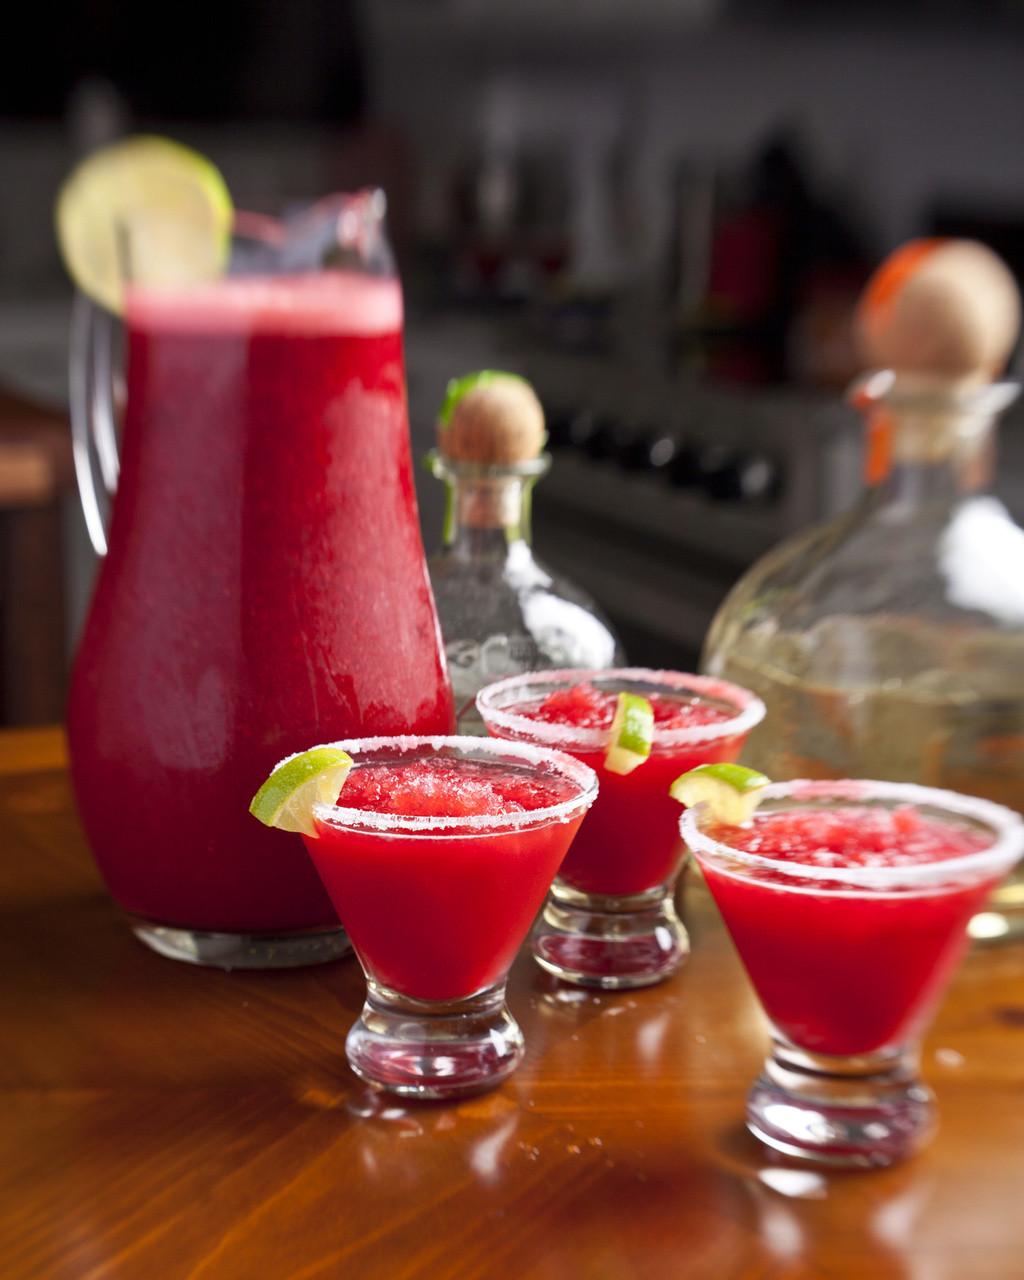 Cinco De Mayo Margaritas  5 Unique Margarita Recipes for Cinco de Mayo